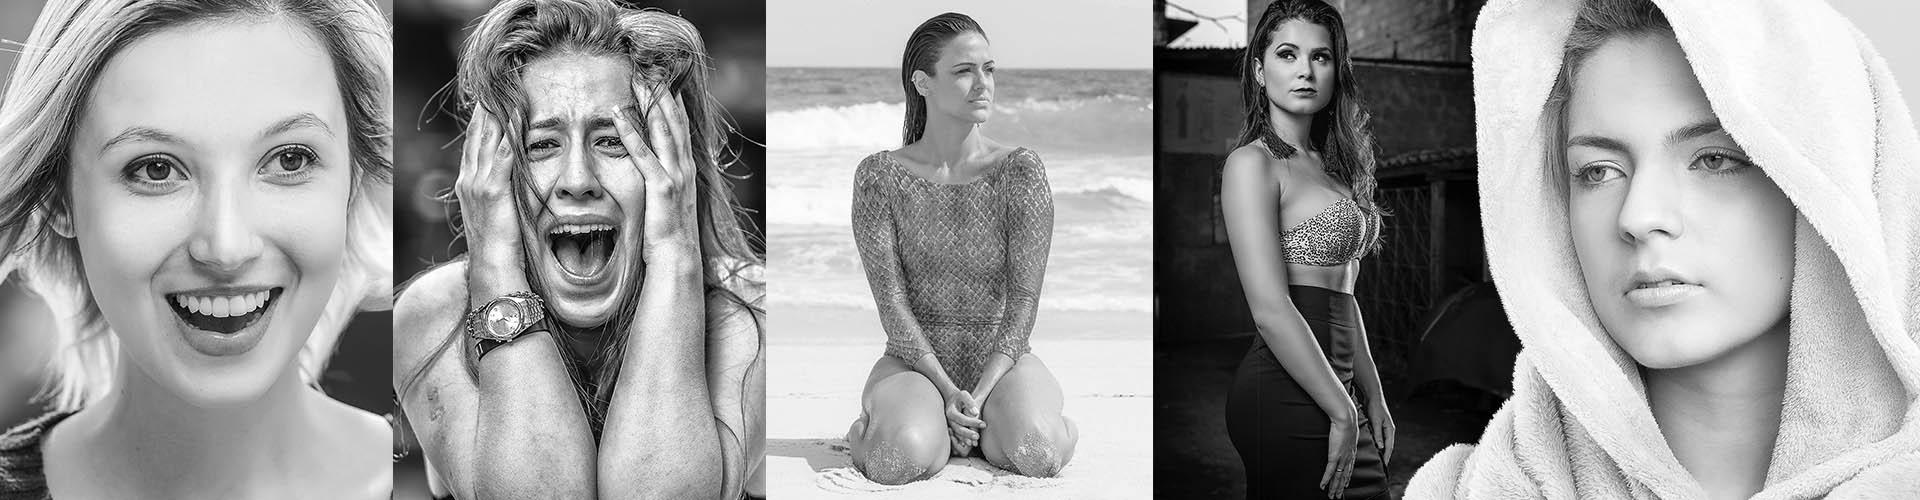 Fotos de modelos femininas fotografadas por Daniel Farjoun